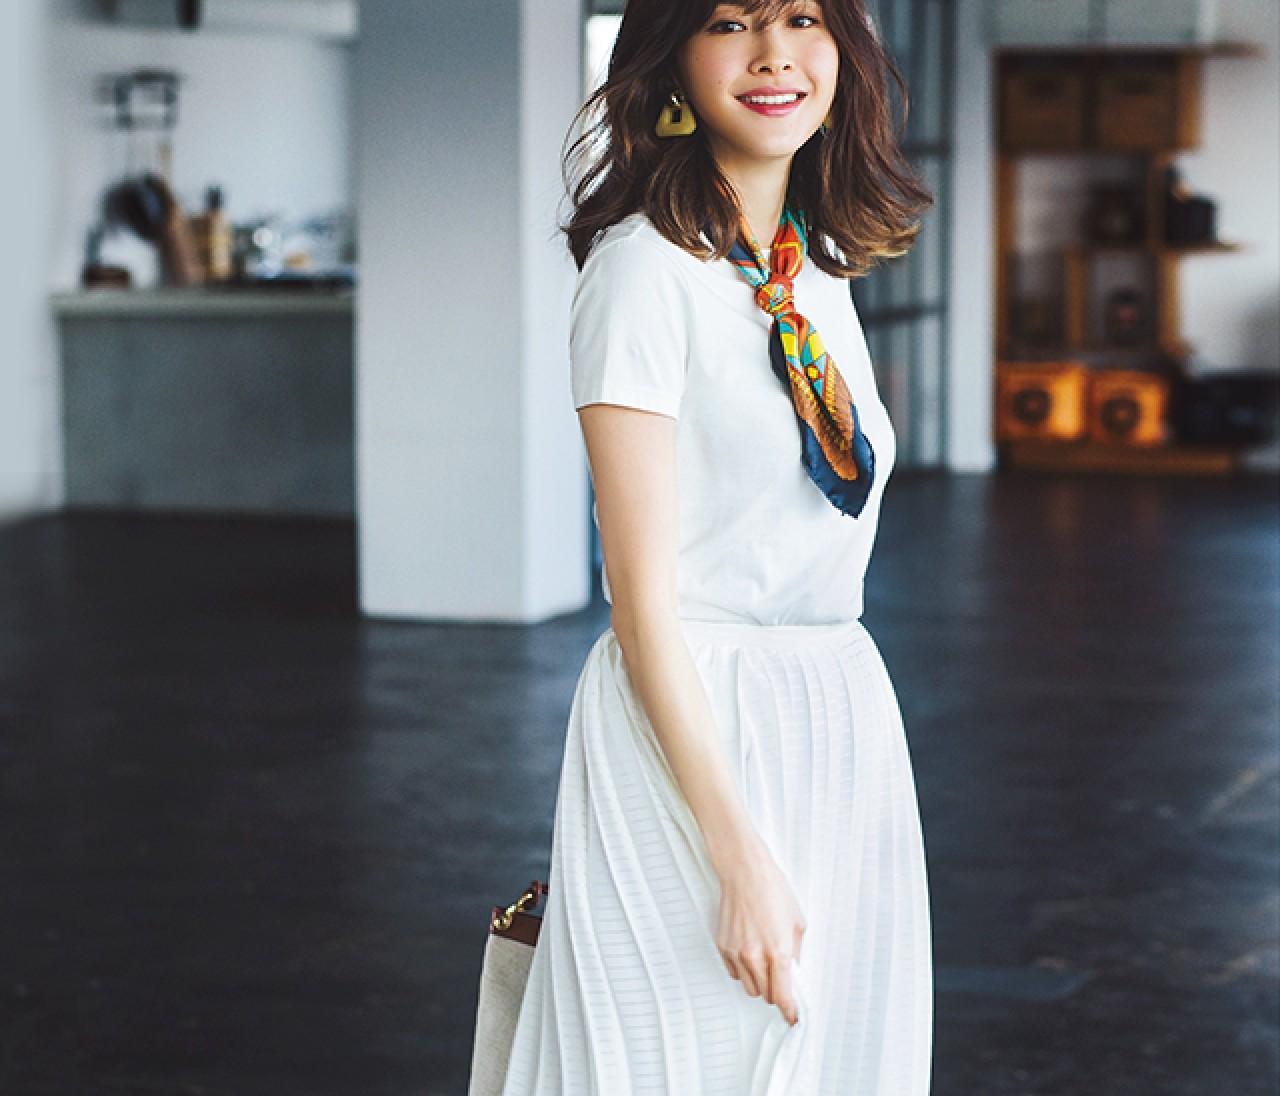 【2019夏Tシャツコーデ38選】通勤もデートもTシャツコーデでおしゃれは叶う!